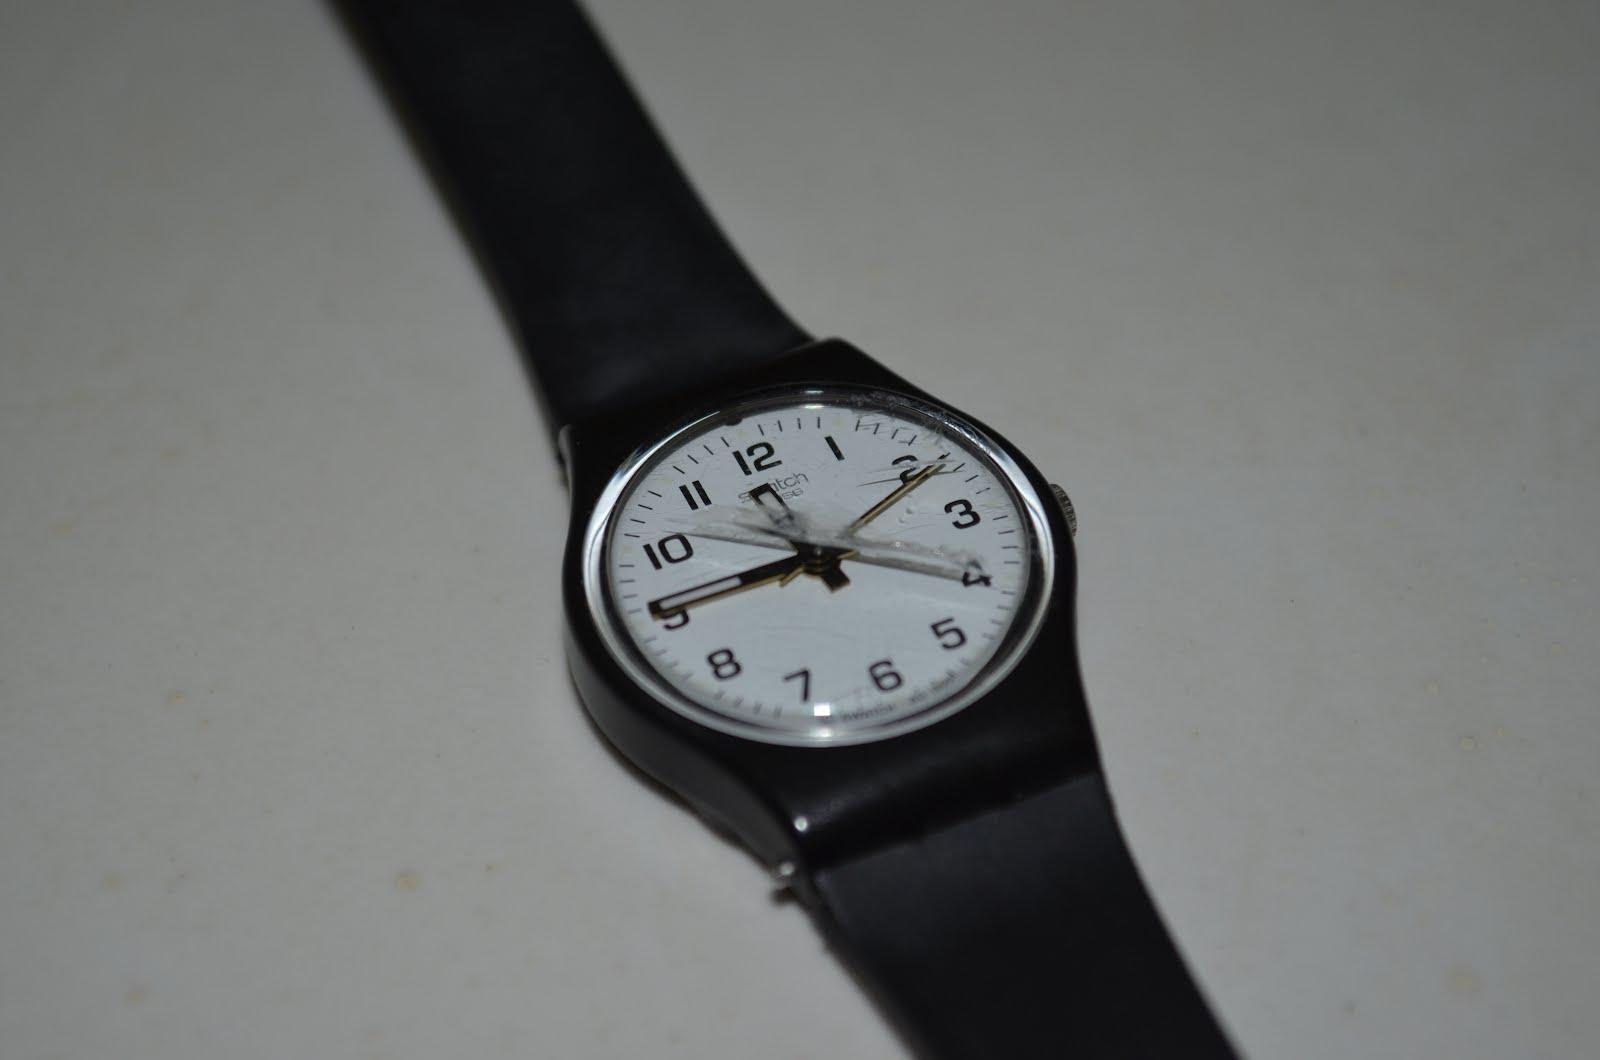 aeaab275151 Teria que levar em algum relojoeiro para ver se existe a possibilidade de  trocar o vidro ou usar assim mesmo.